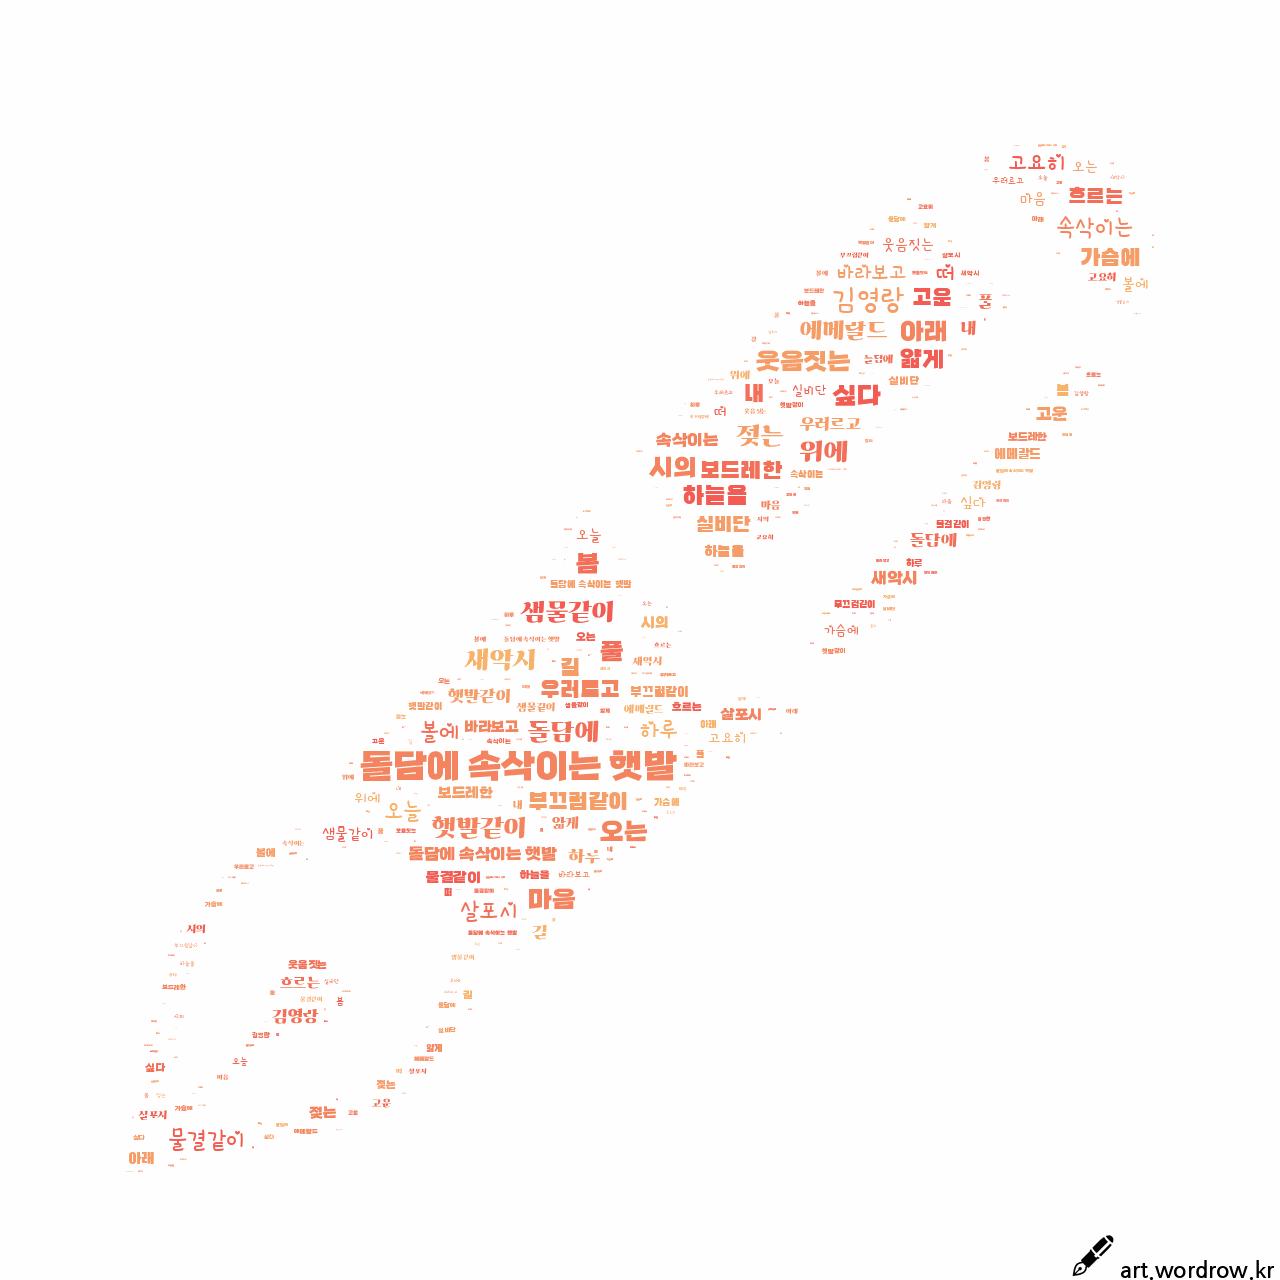 워드 클라우드: 돌담에 속삭이는 햇발 [김영랑]-23